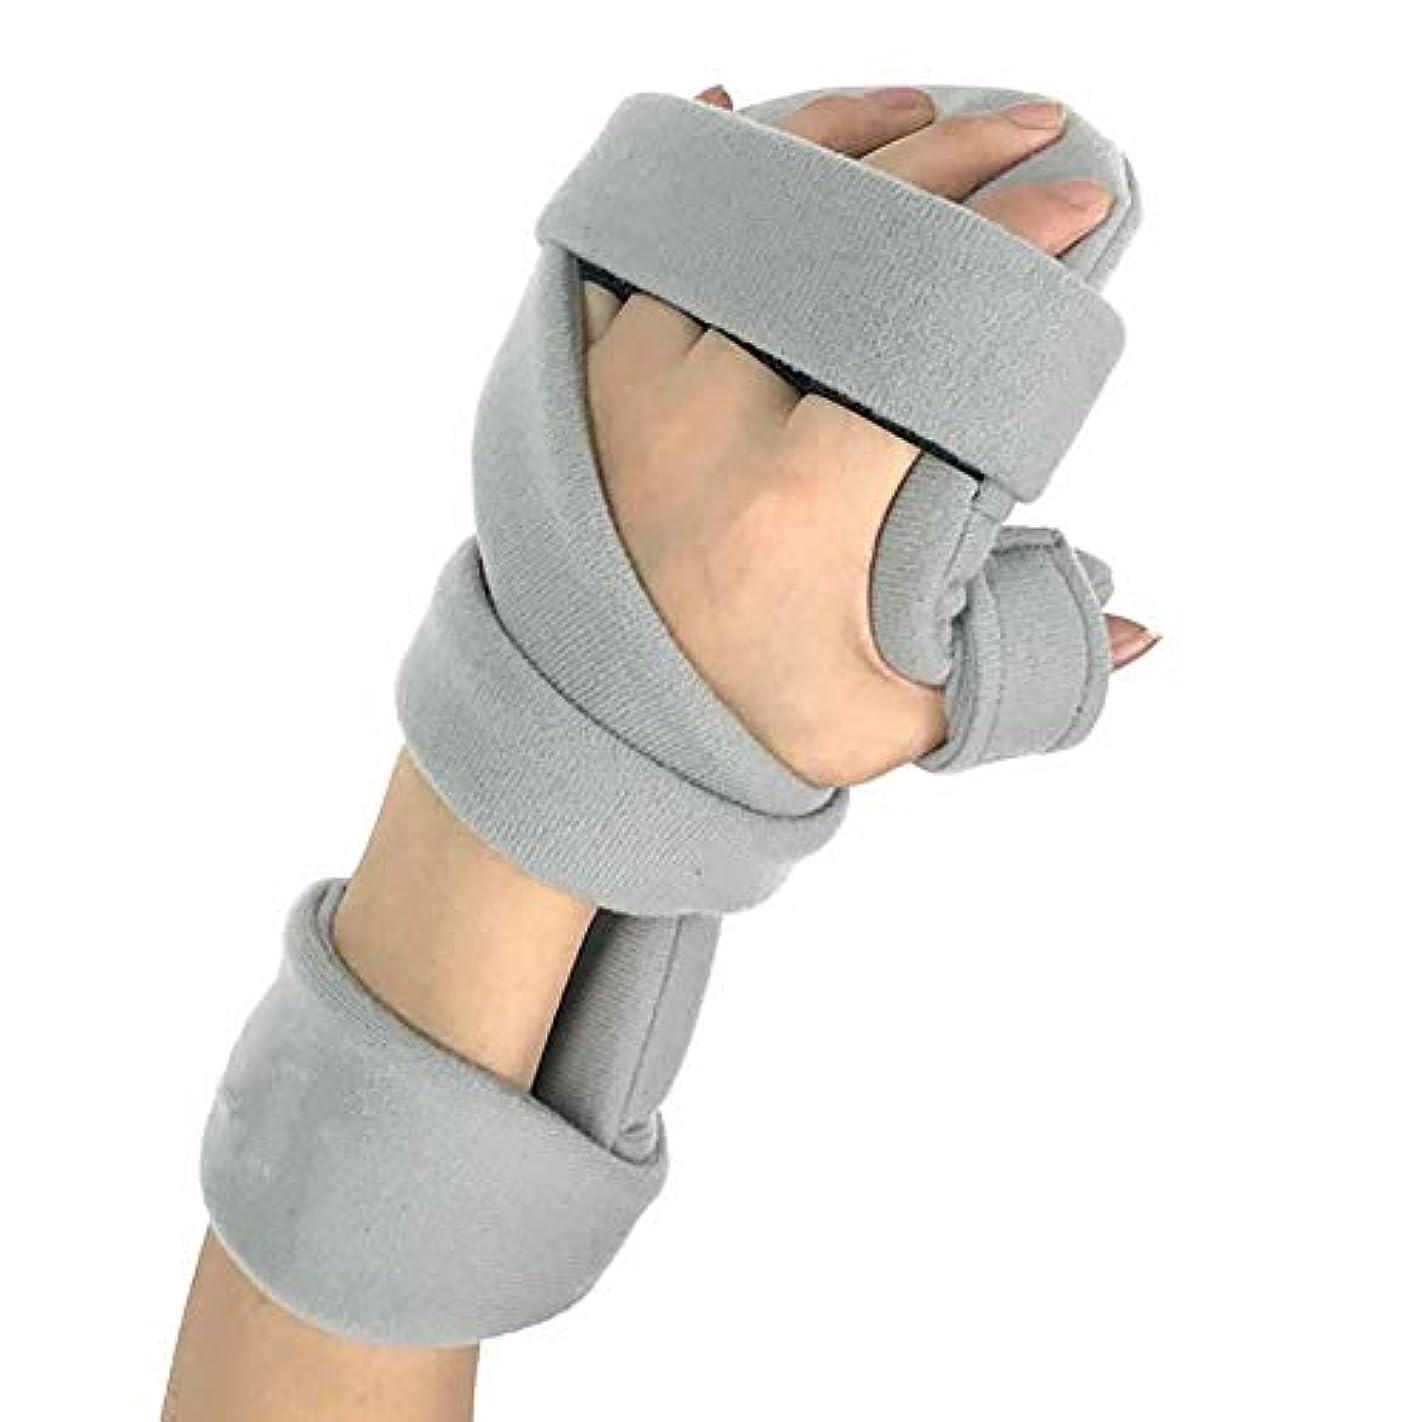 ギャップ大佐前進トリガー指副木、関節炎の手指副木用指トレーニングボード、手首の親指サポート手,RightHand